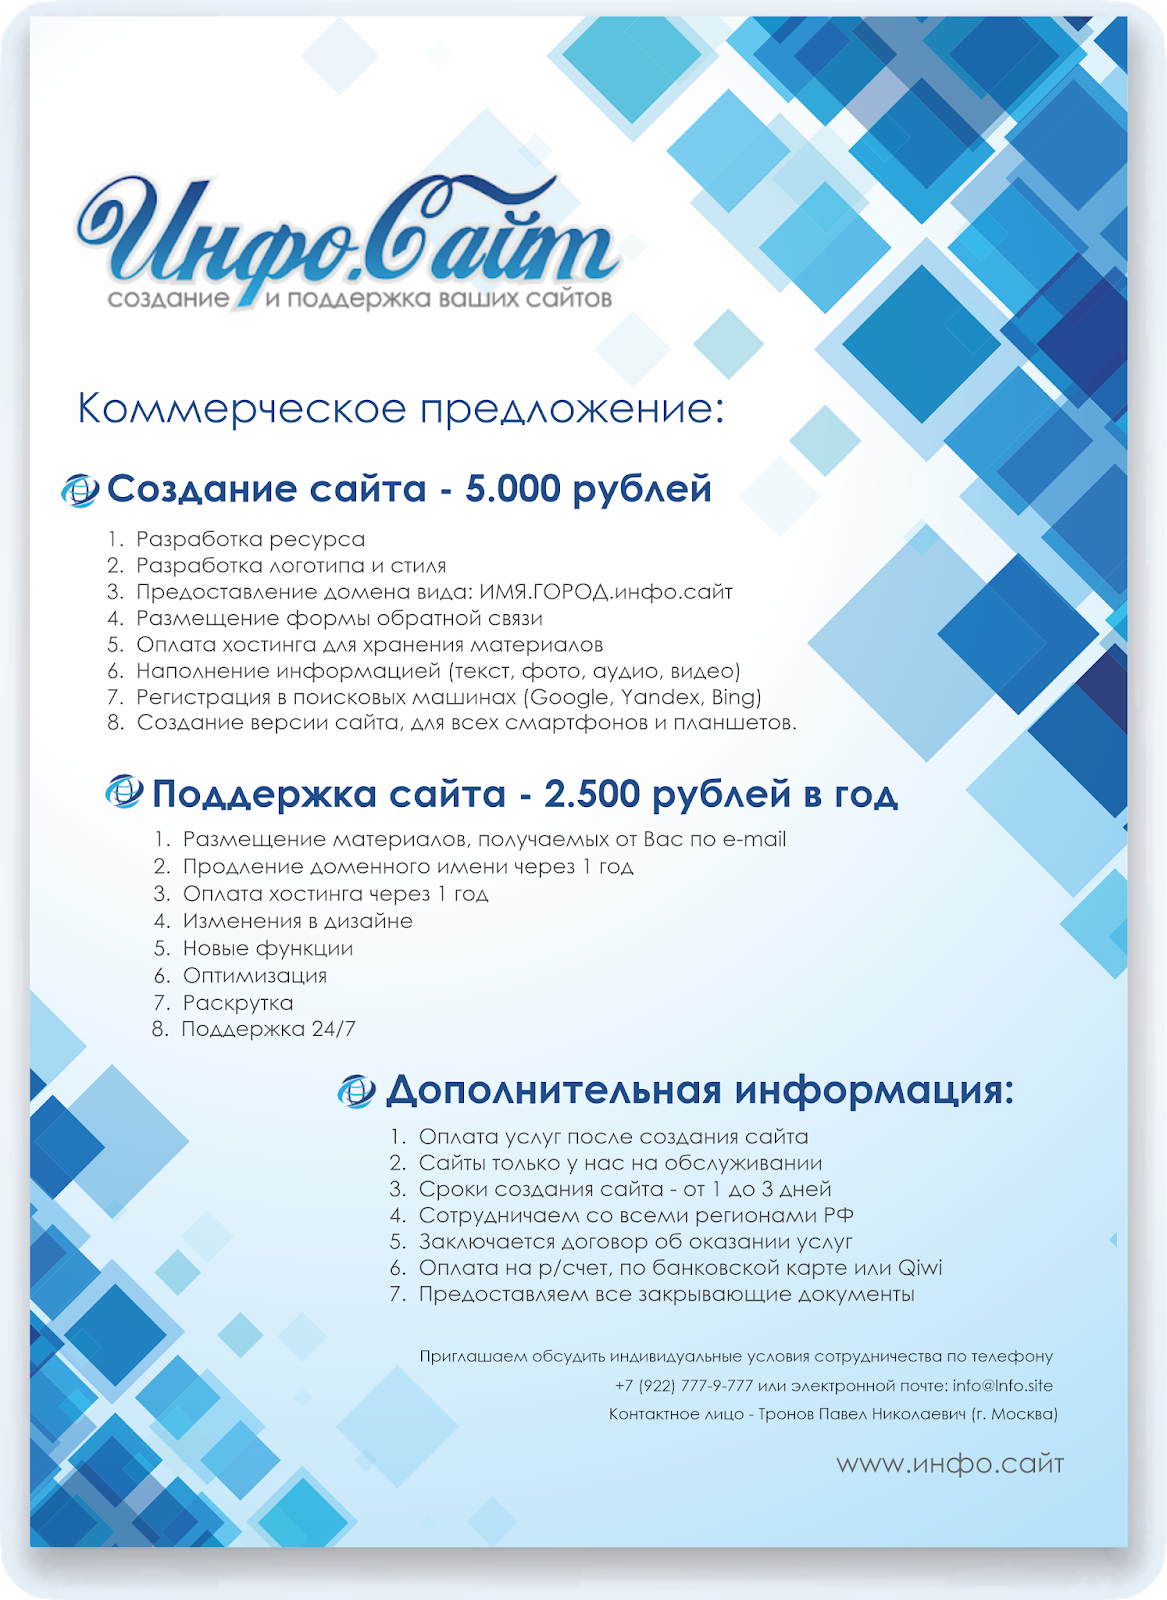 Образец коммерческого предложение на создание сайта компания оптимист курск официальный сайт